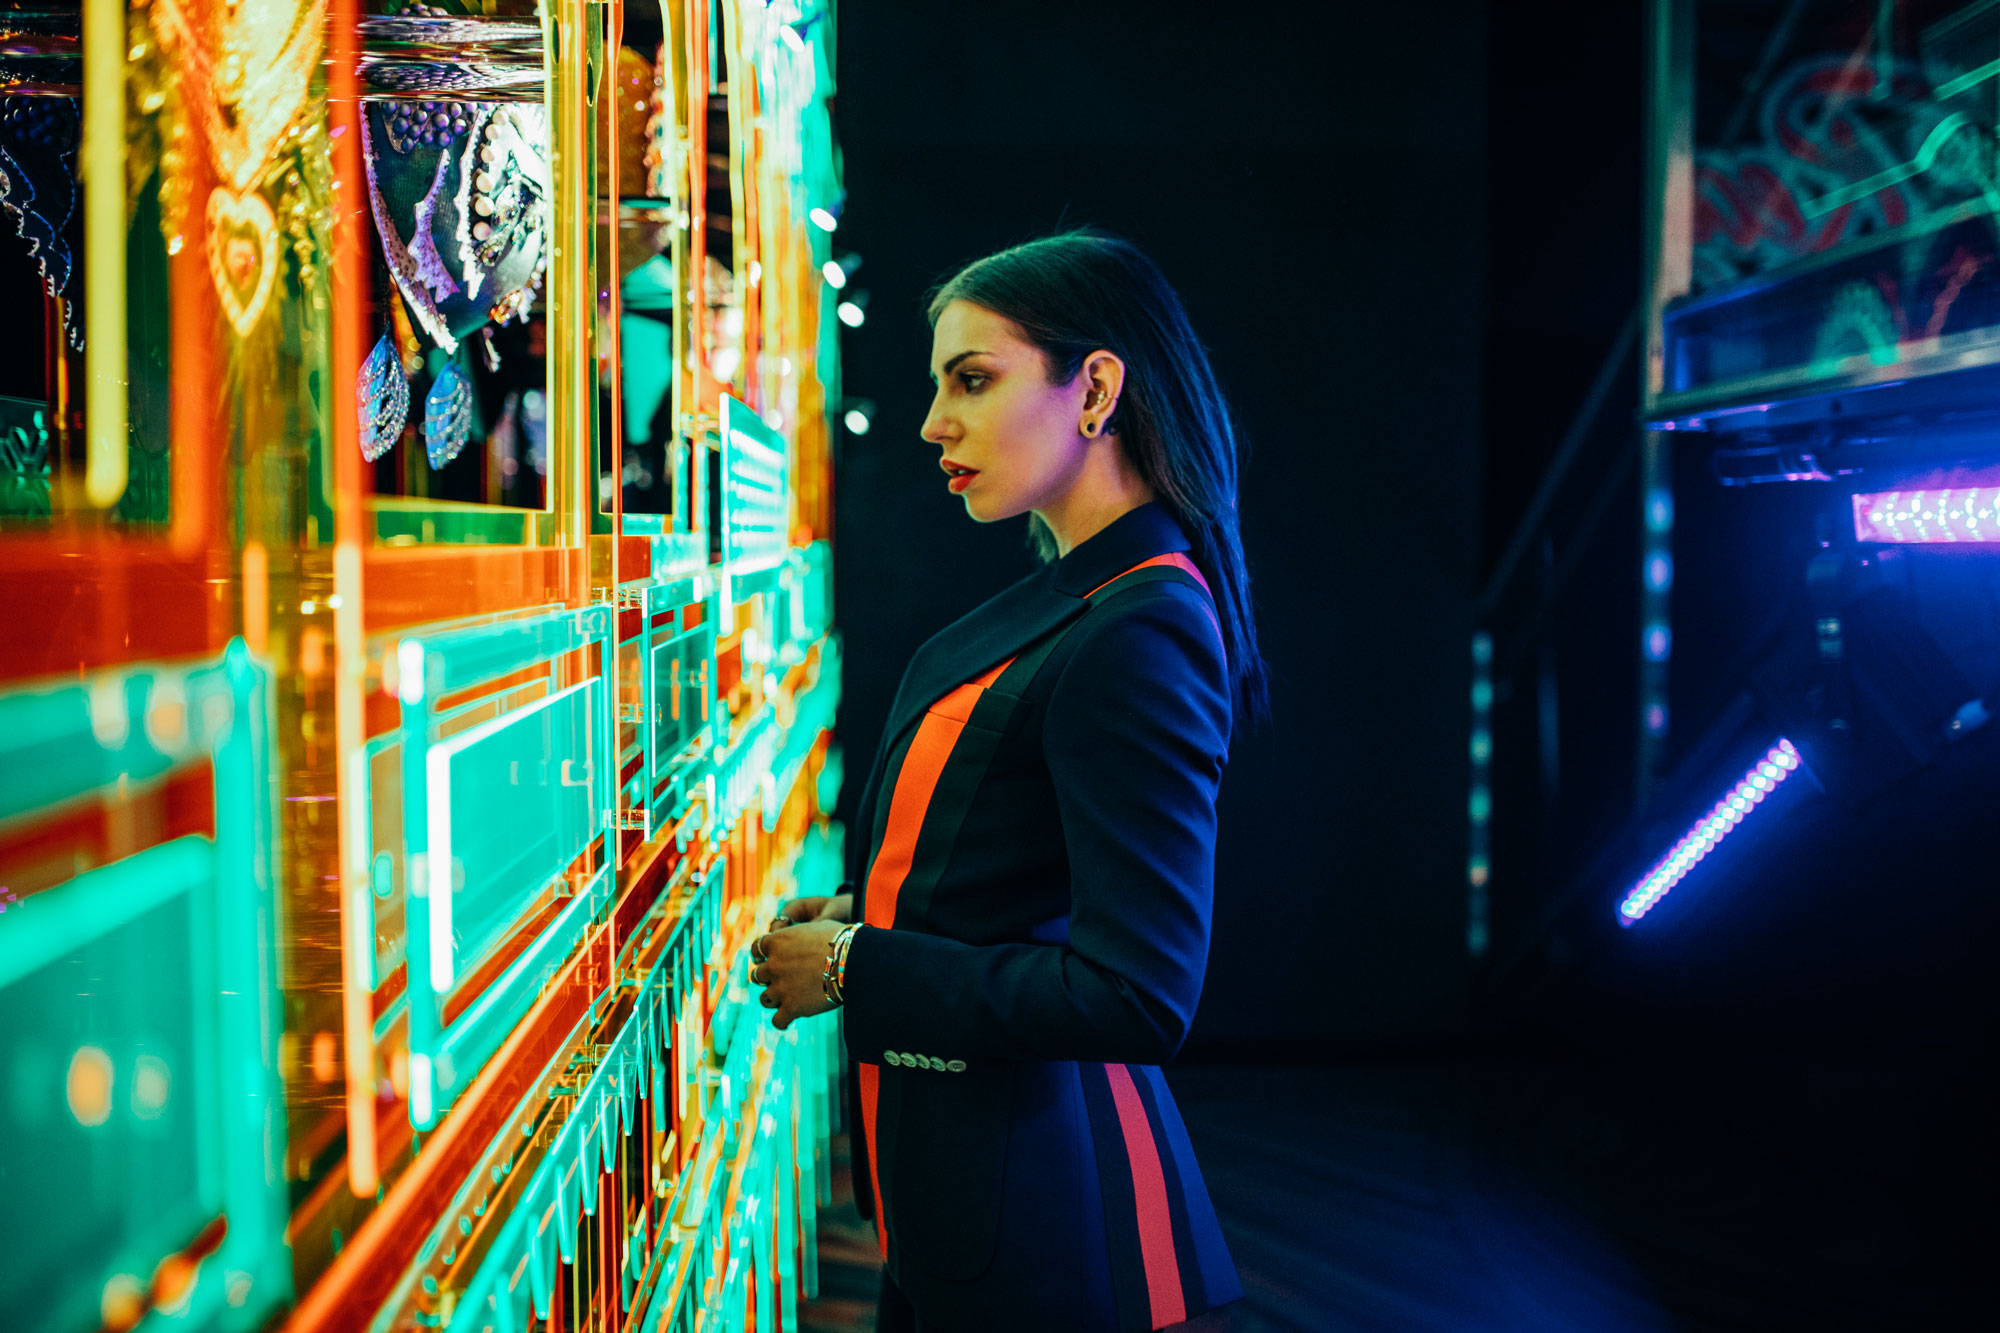 Swarovski Kristallwelten | Zweiteiler von Gucci | Editorial Mode Shooting | bunt, farbenfroh, Leuchtreklame, Neon Röhren, Lichtspiele, Party, Neonlicht, Schwarzlicht, Drogen, Clubsterben, Generation Y & Z